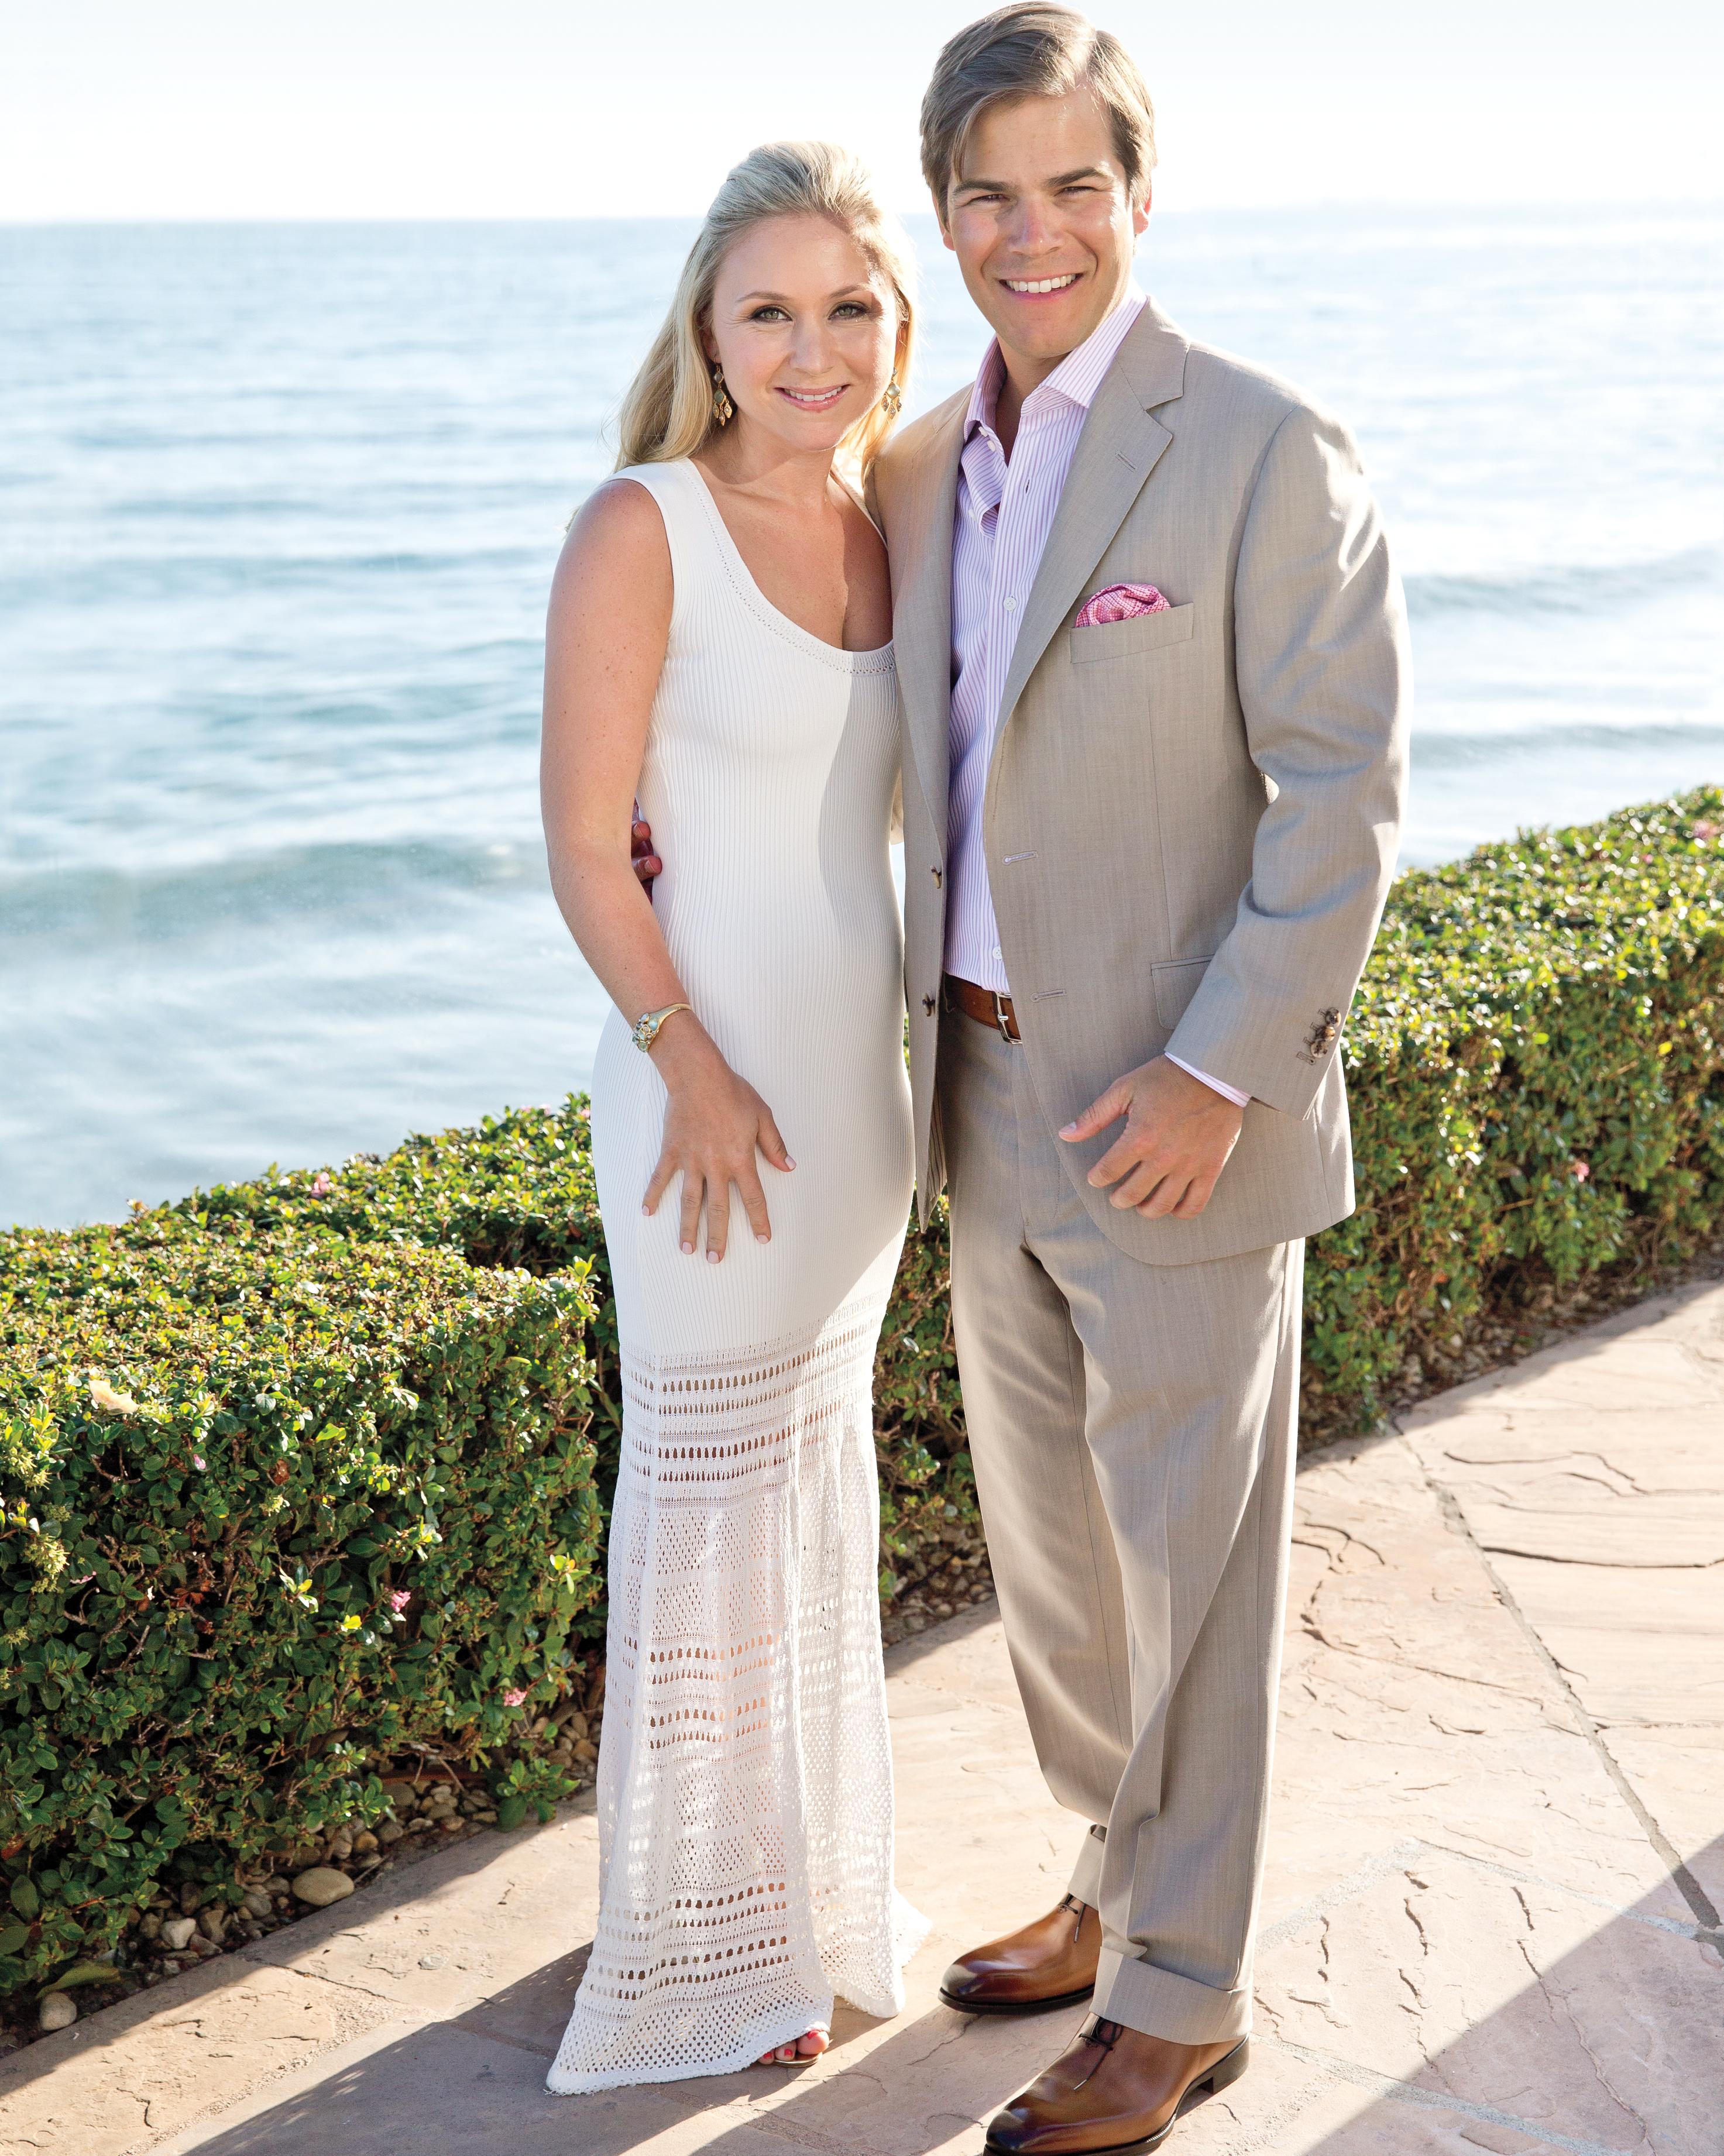 tiffany-david-wedding-california-0063-s112348.jpg